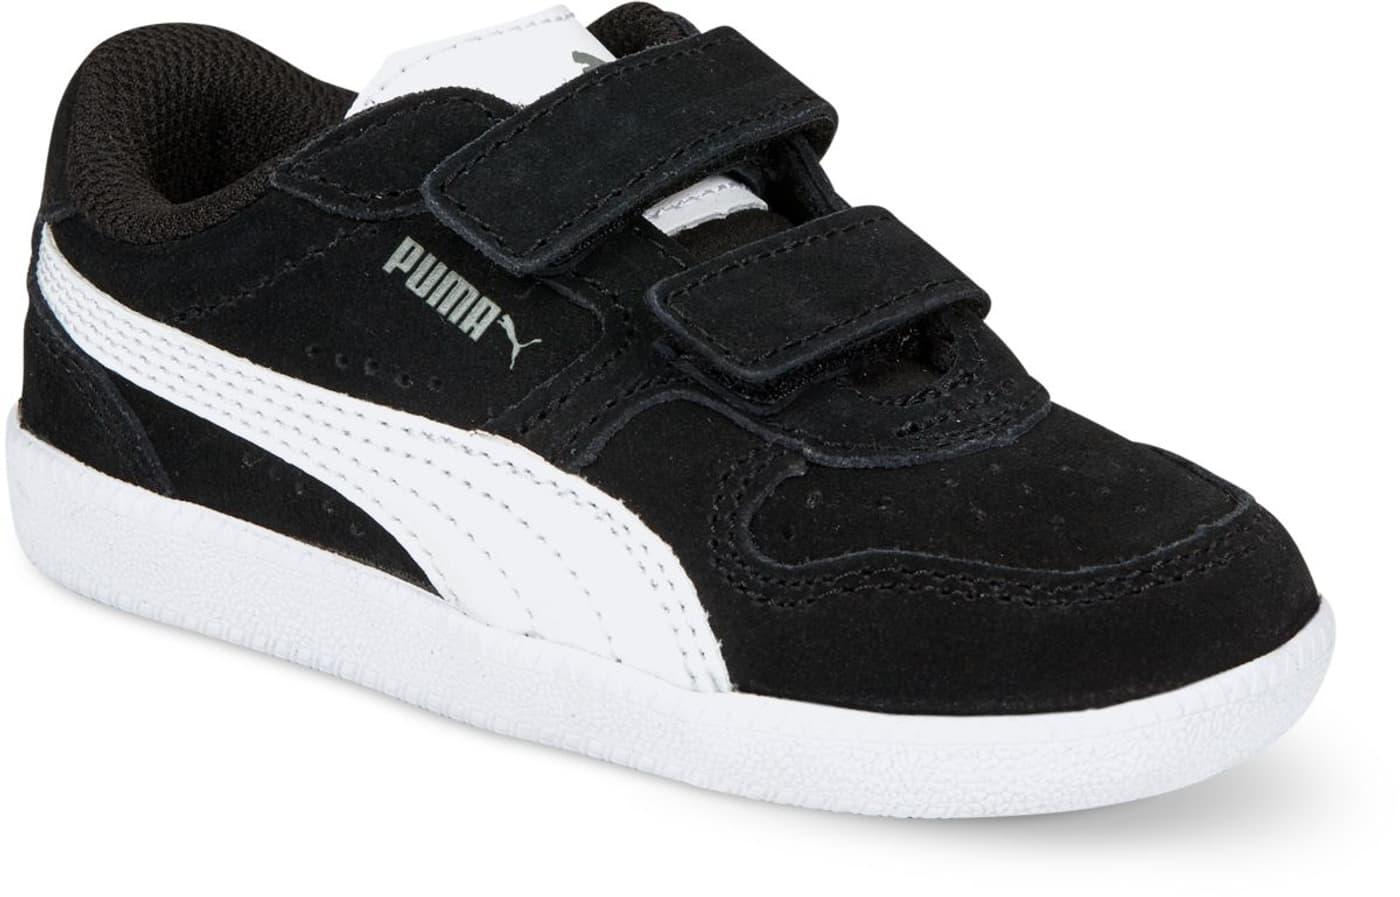 2bccf0e43daa3 PUMA Chaussure pour enfant noir